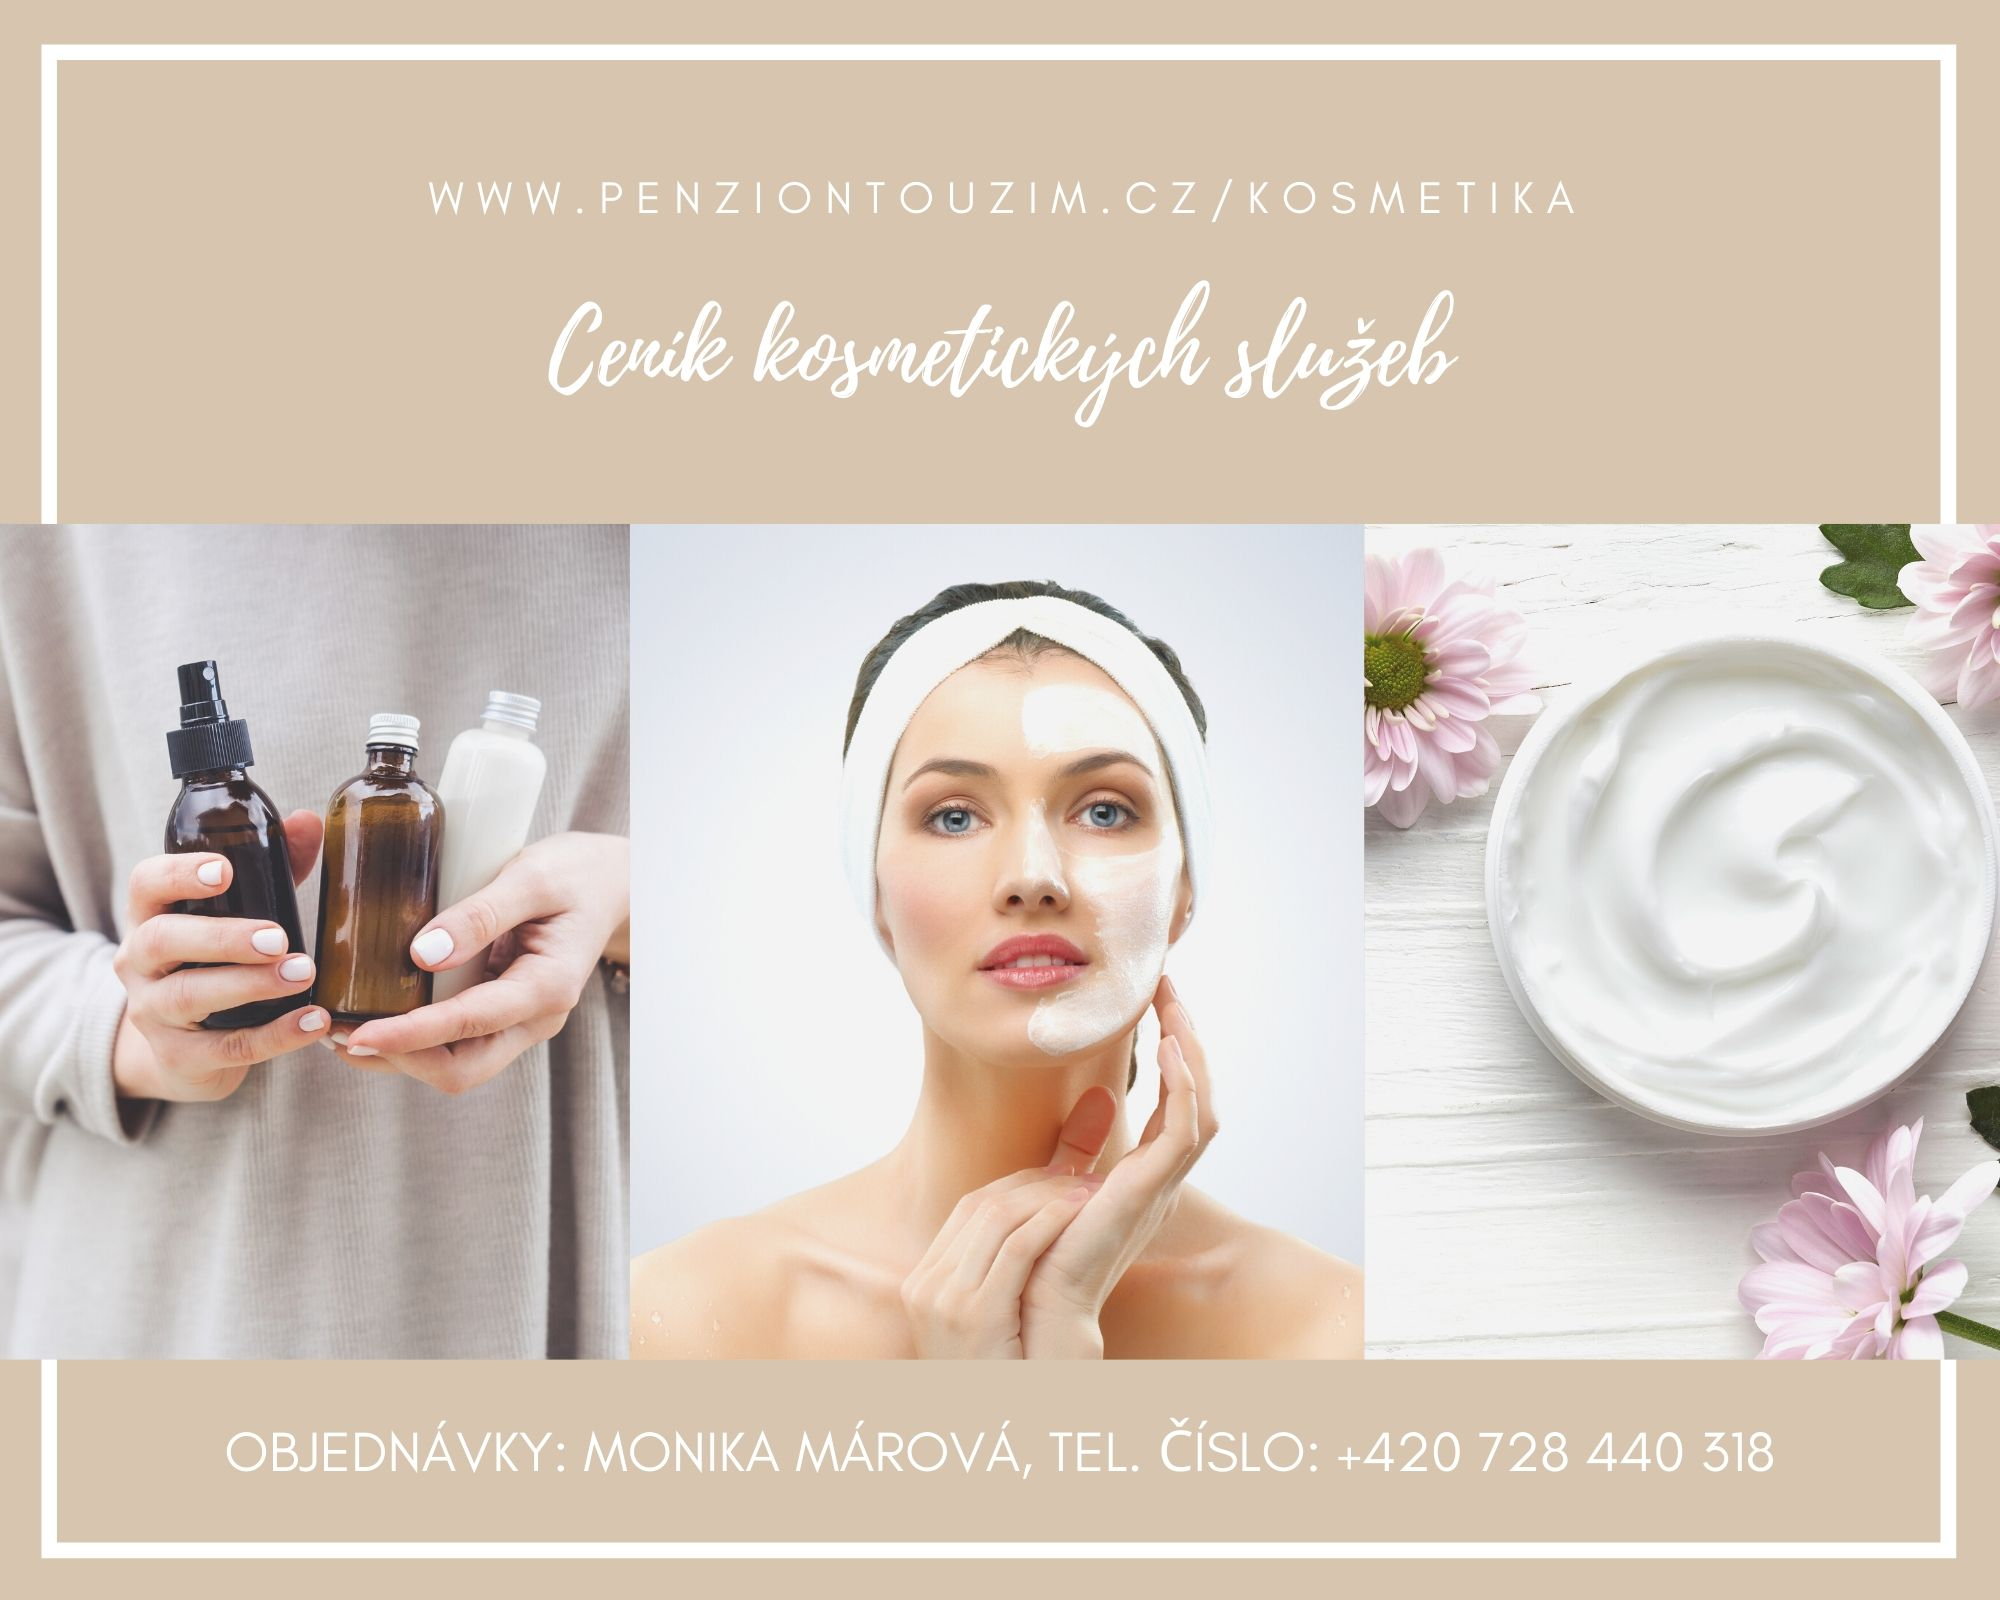 Kosmetika Toužim